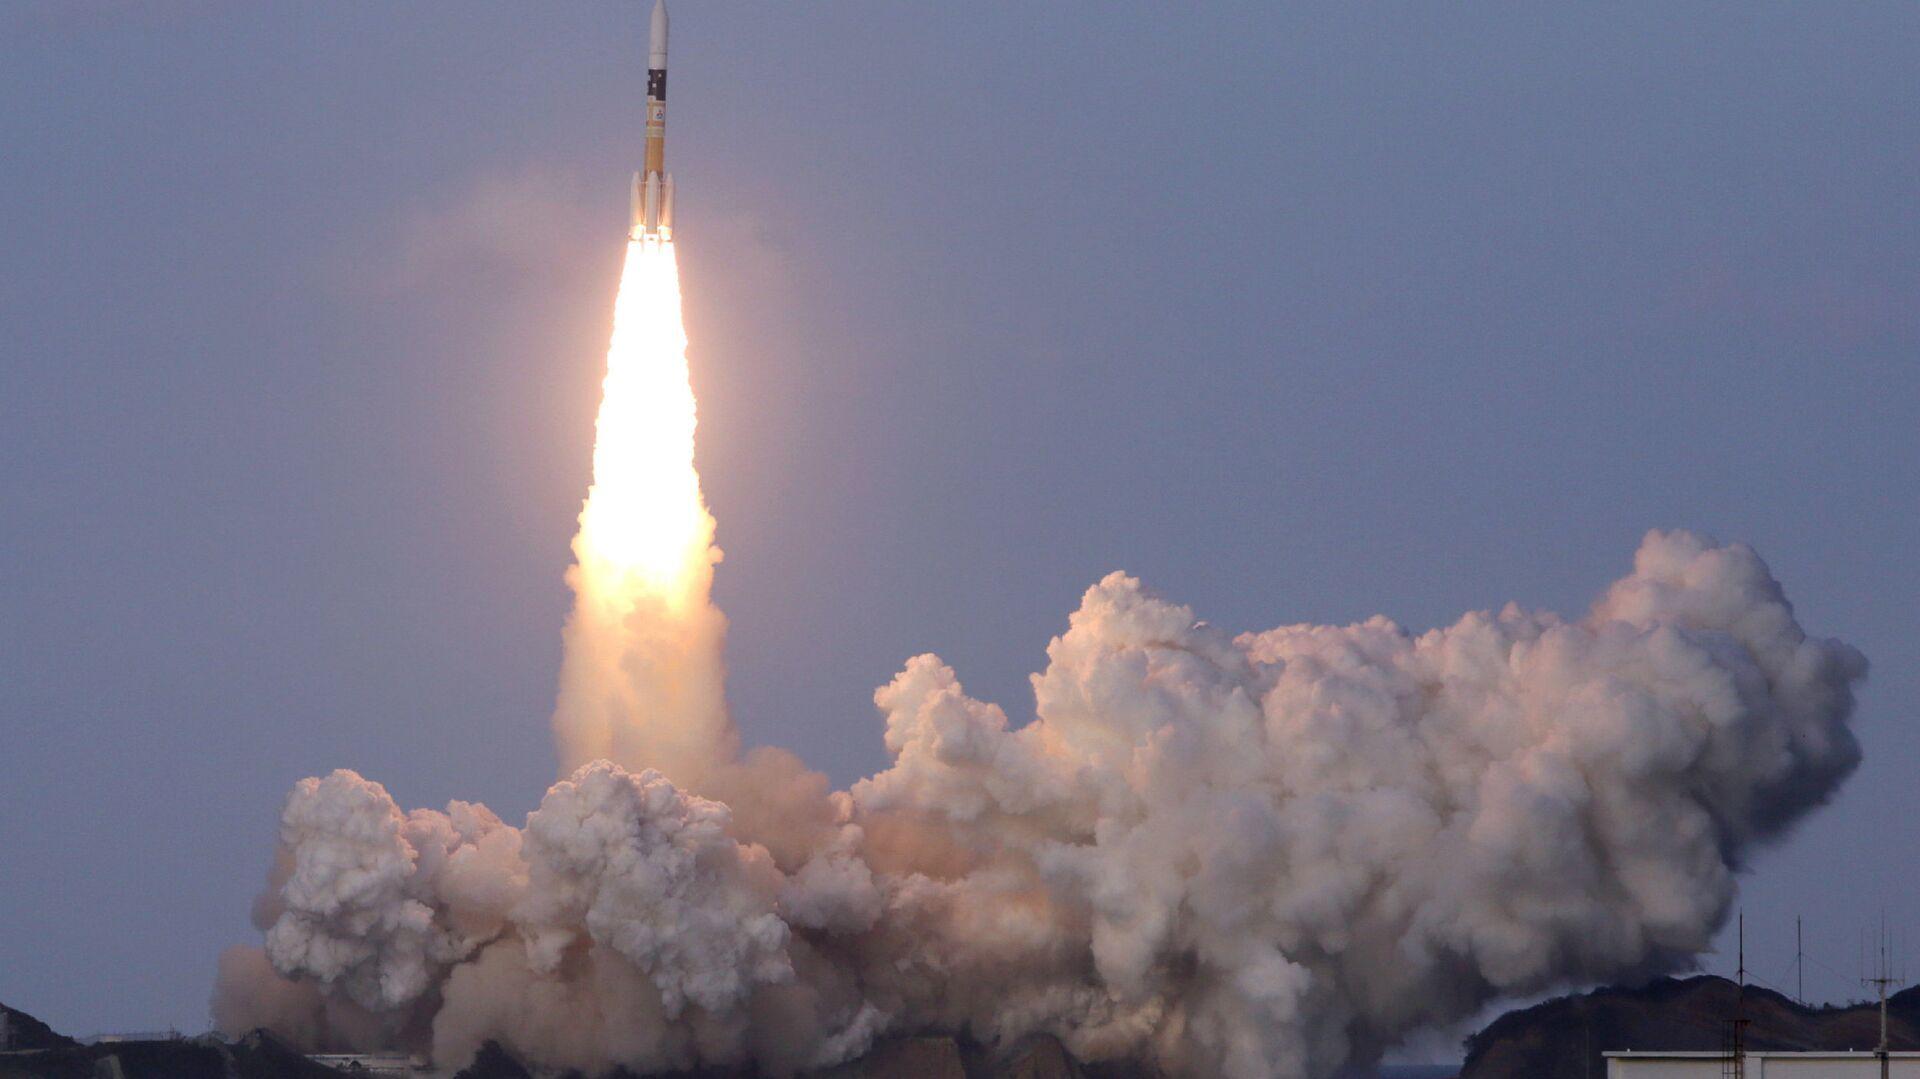 Lanzamiento del cohete japonés H2A con un satélite canadiense desde el centro espacial de Tanegashima - Sputnik Mundo, 1920, 02.09.2021